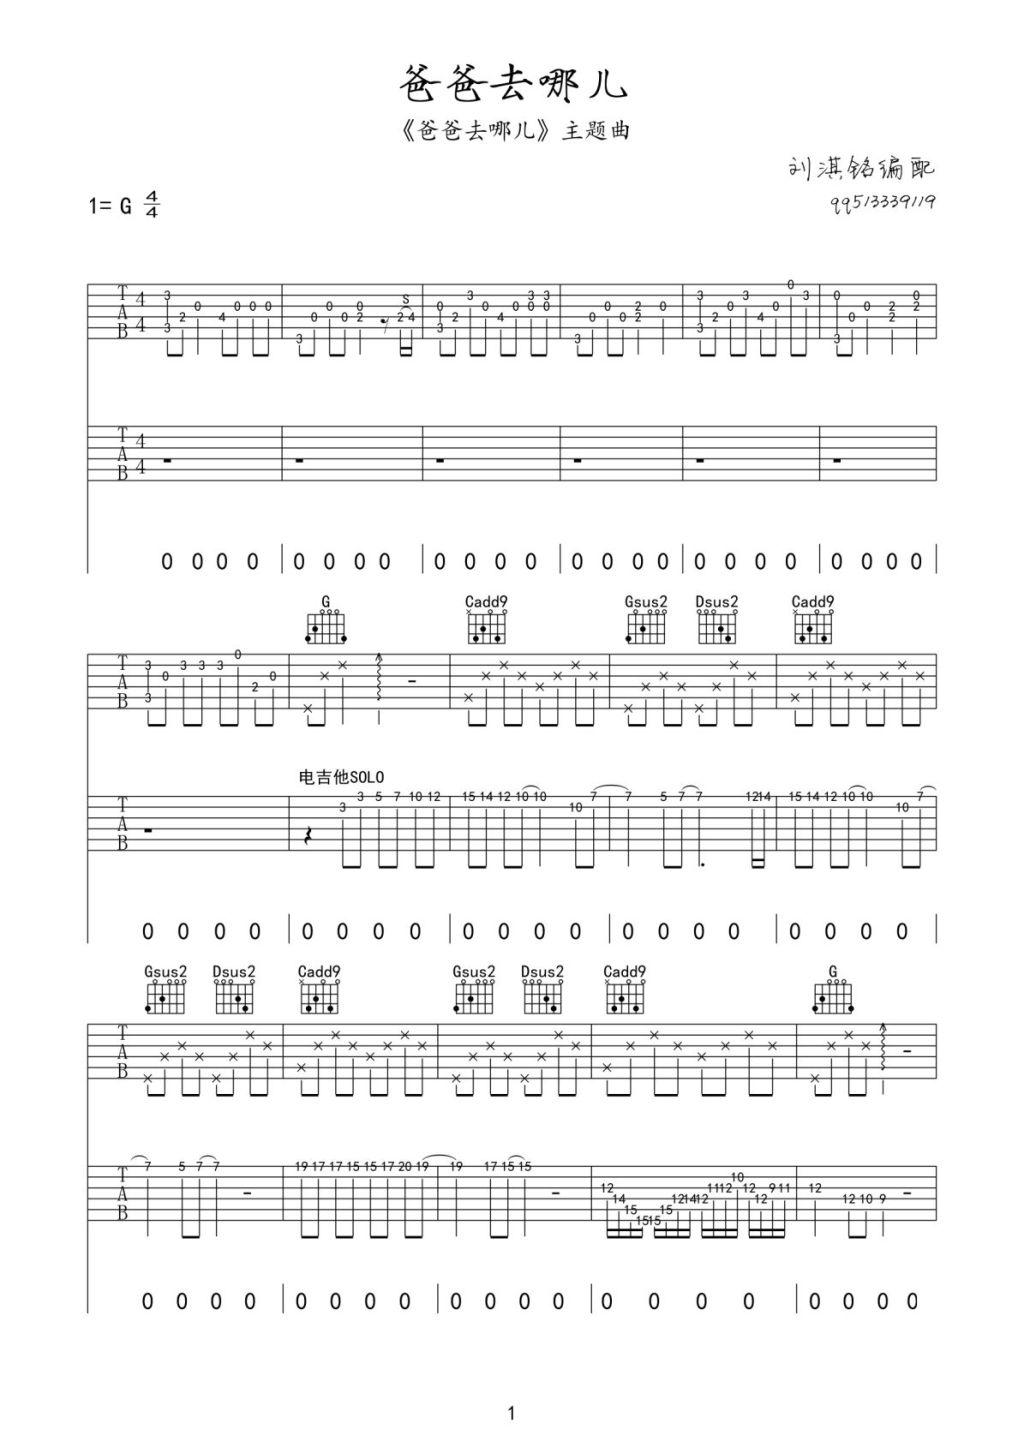 吉他乐谱 吉他乐谱免费下载 爸爸去哪儿 泡沫 吉他谱 流行音乐